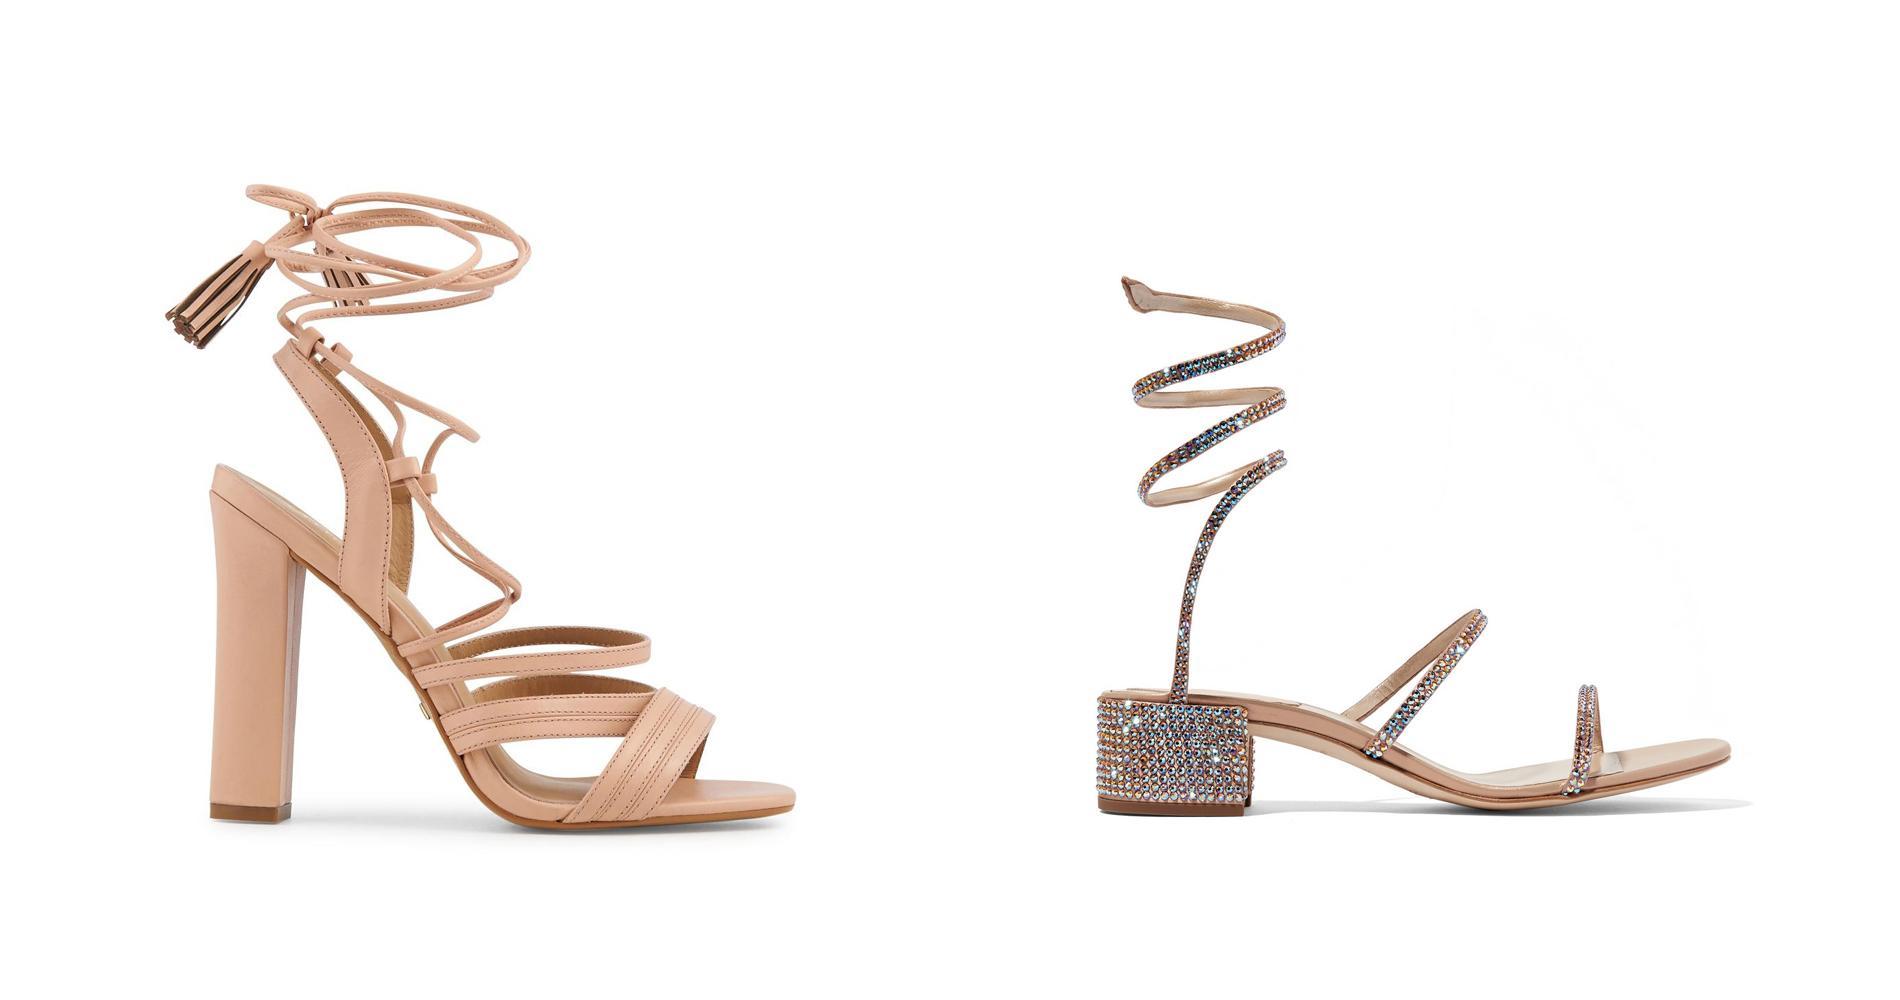 Leur Mariage Des Confortable Chaussures Et Stylées Alternative wfIpSf